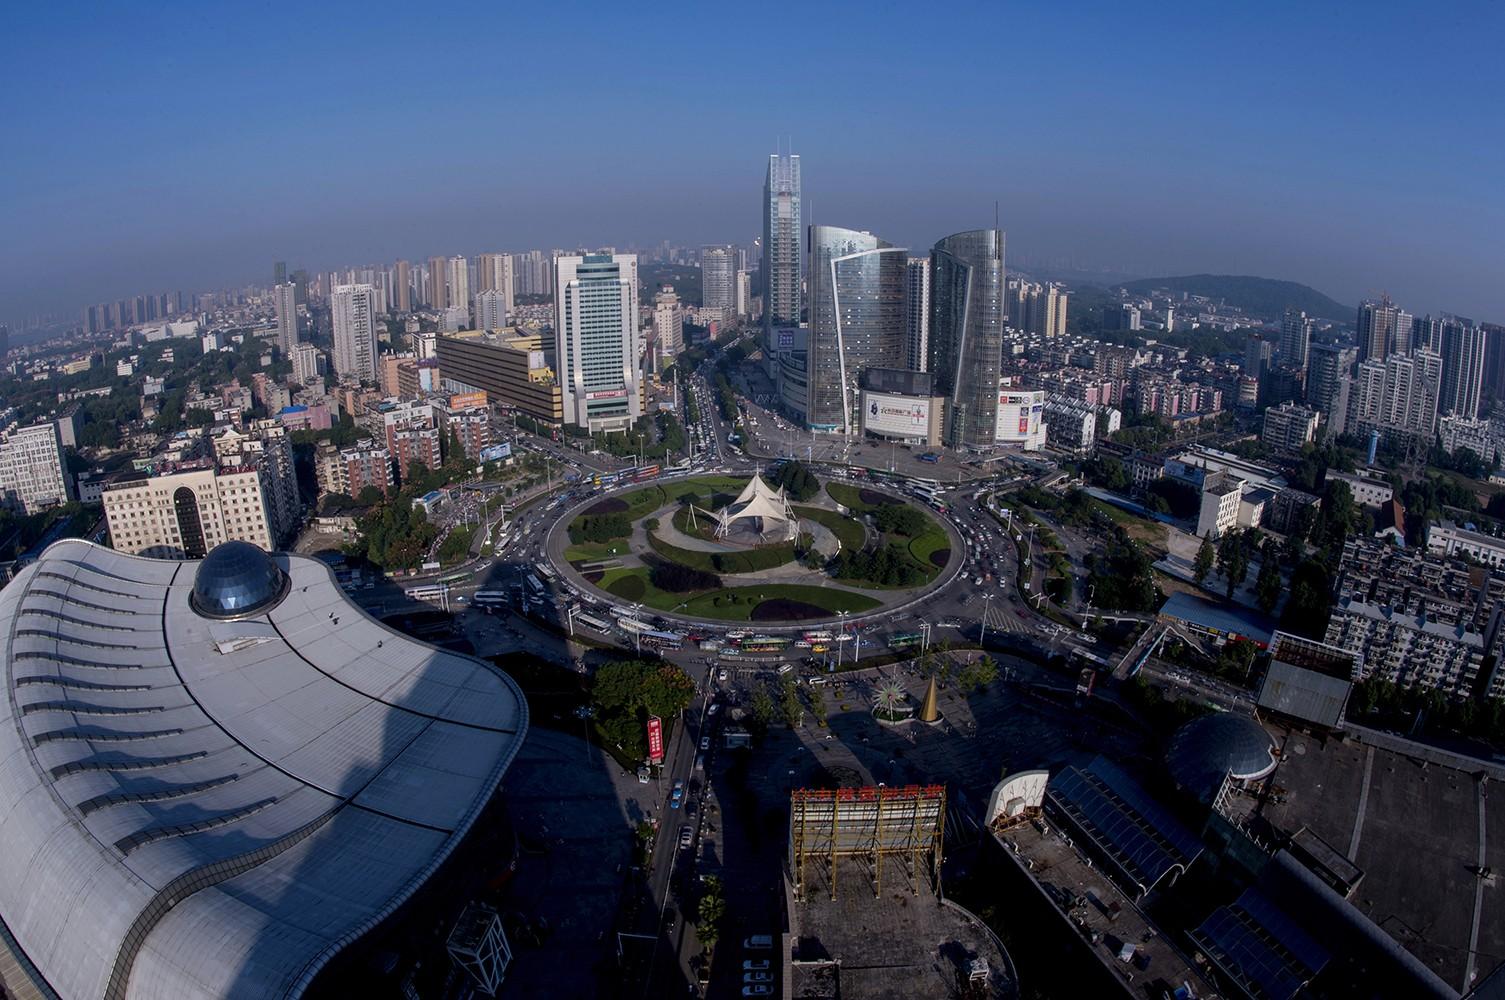 襄阳gdp全国城市排名2020_全国城市gdp排名2020